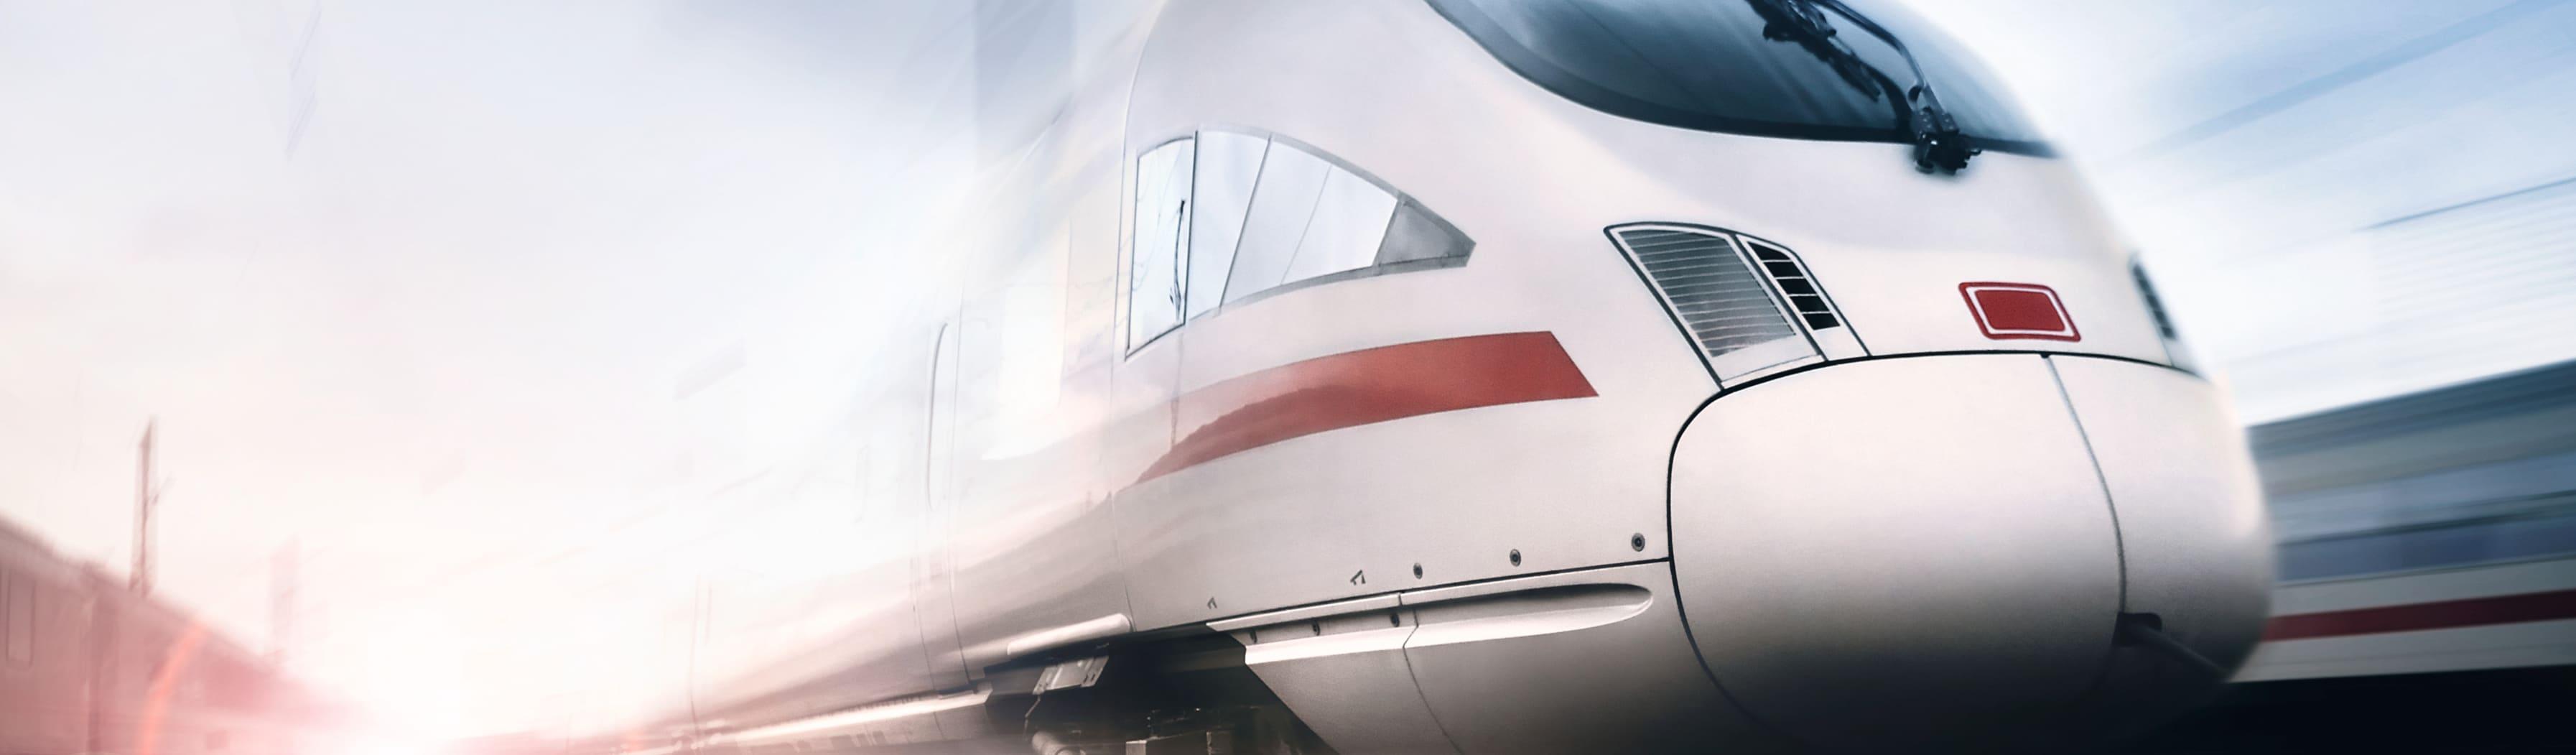 Bahn Wirthwein